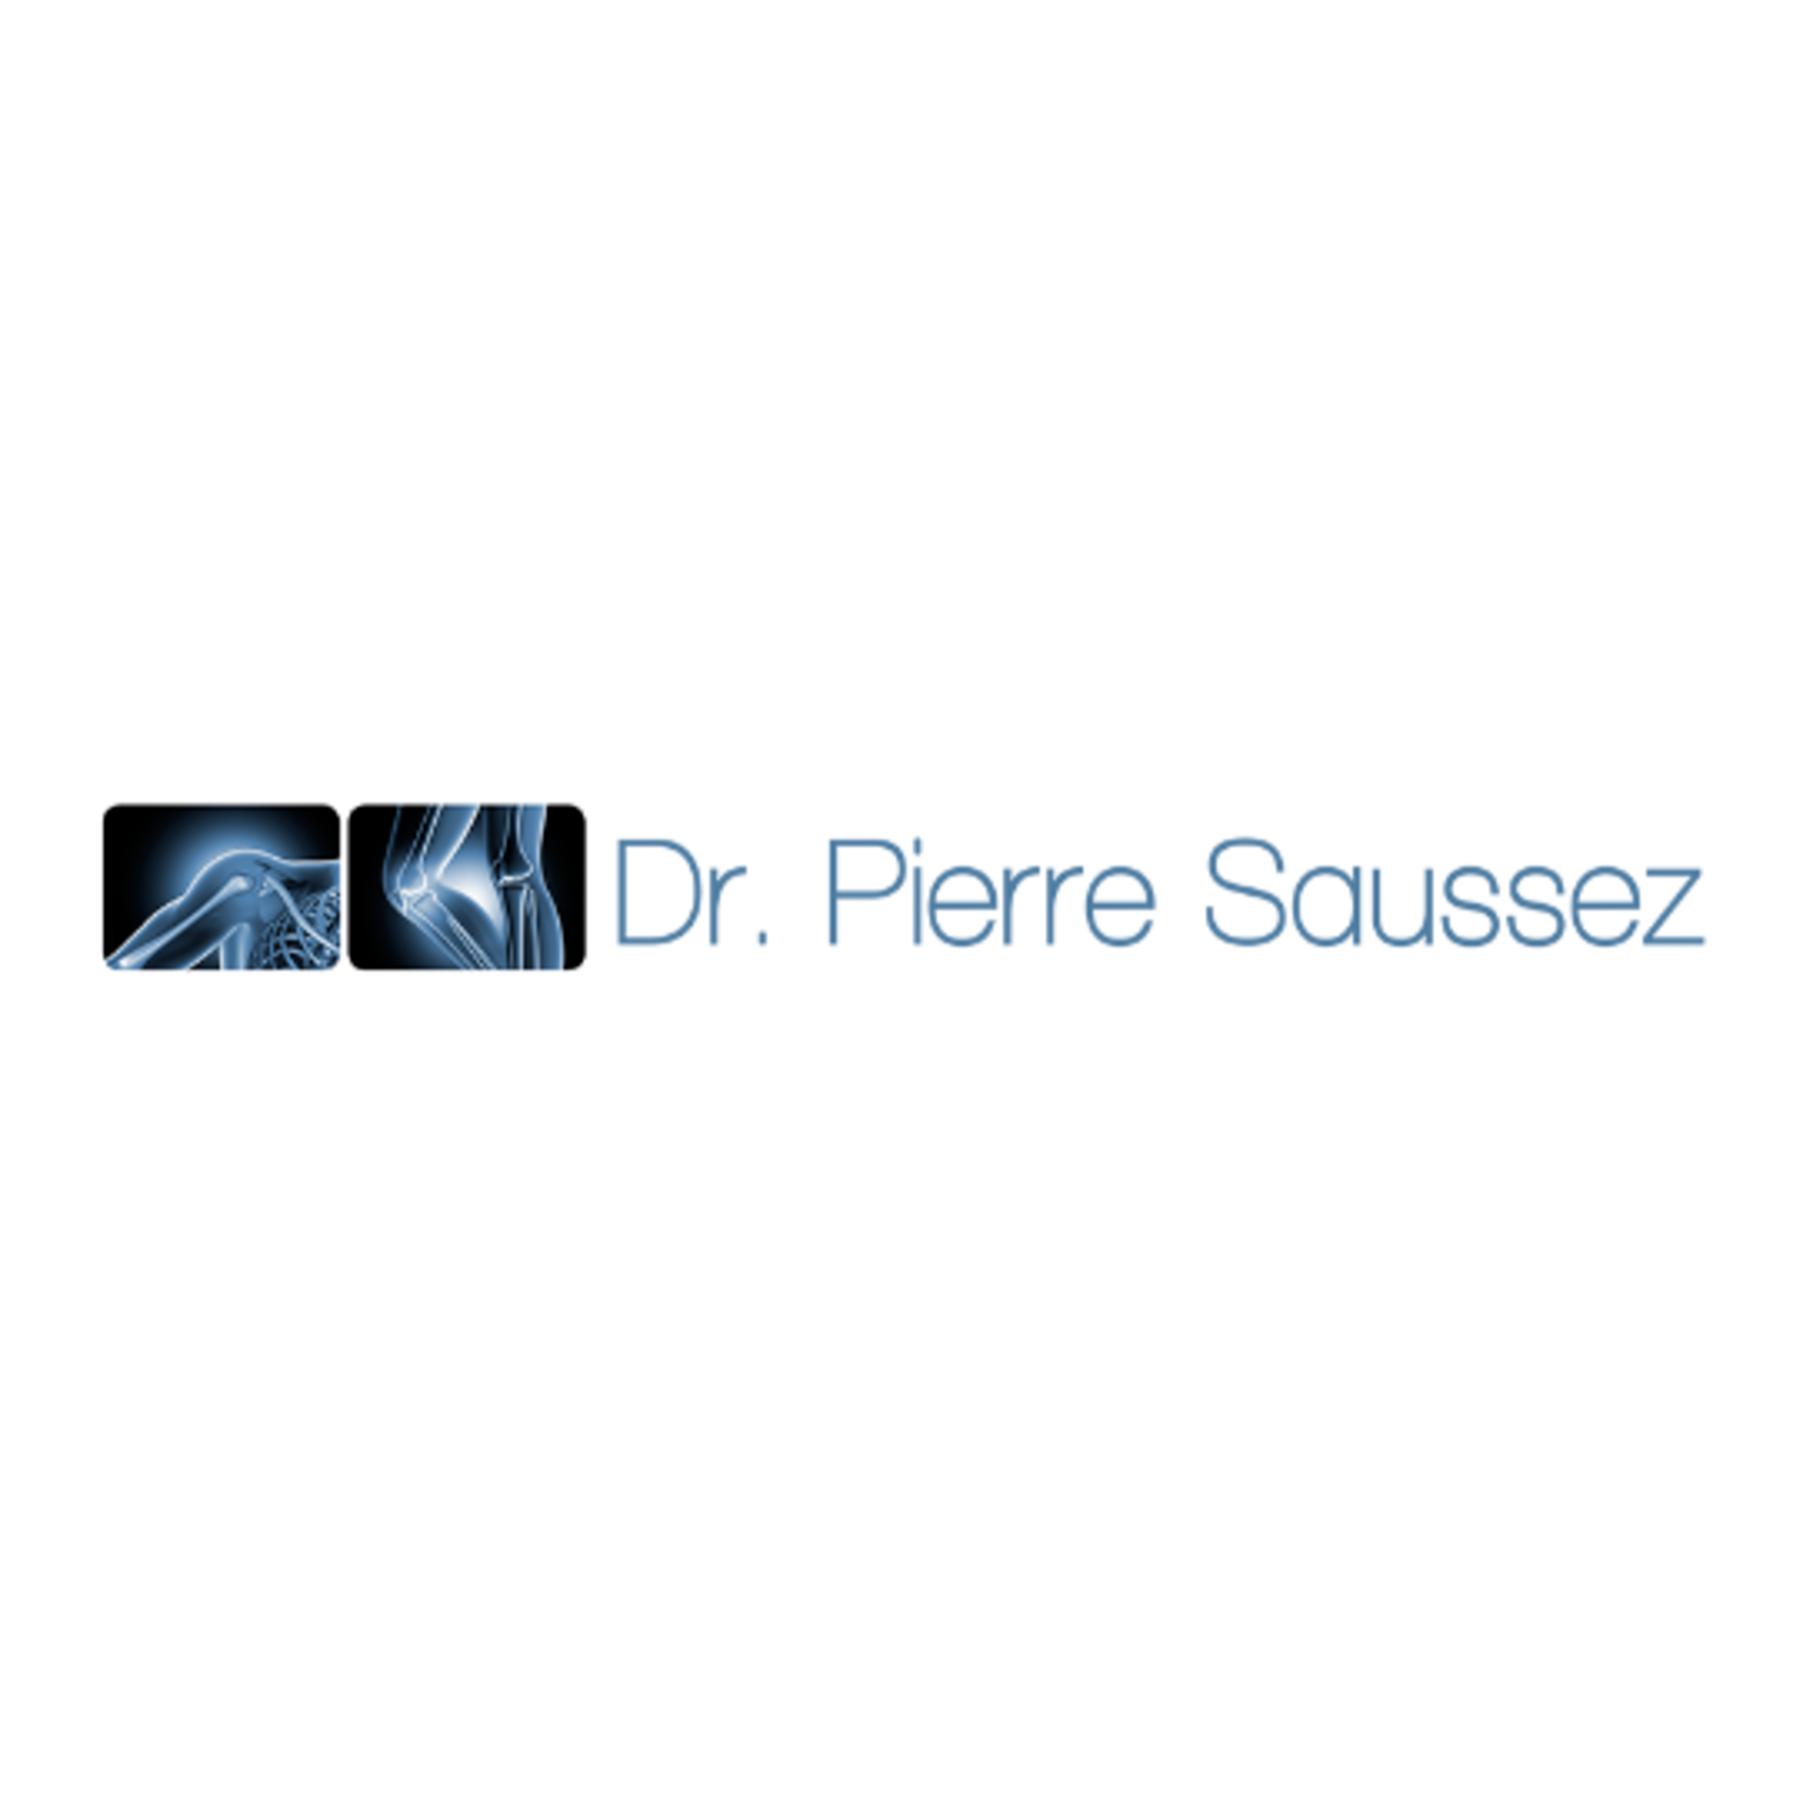 Saussez Pierre